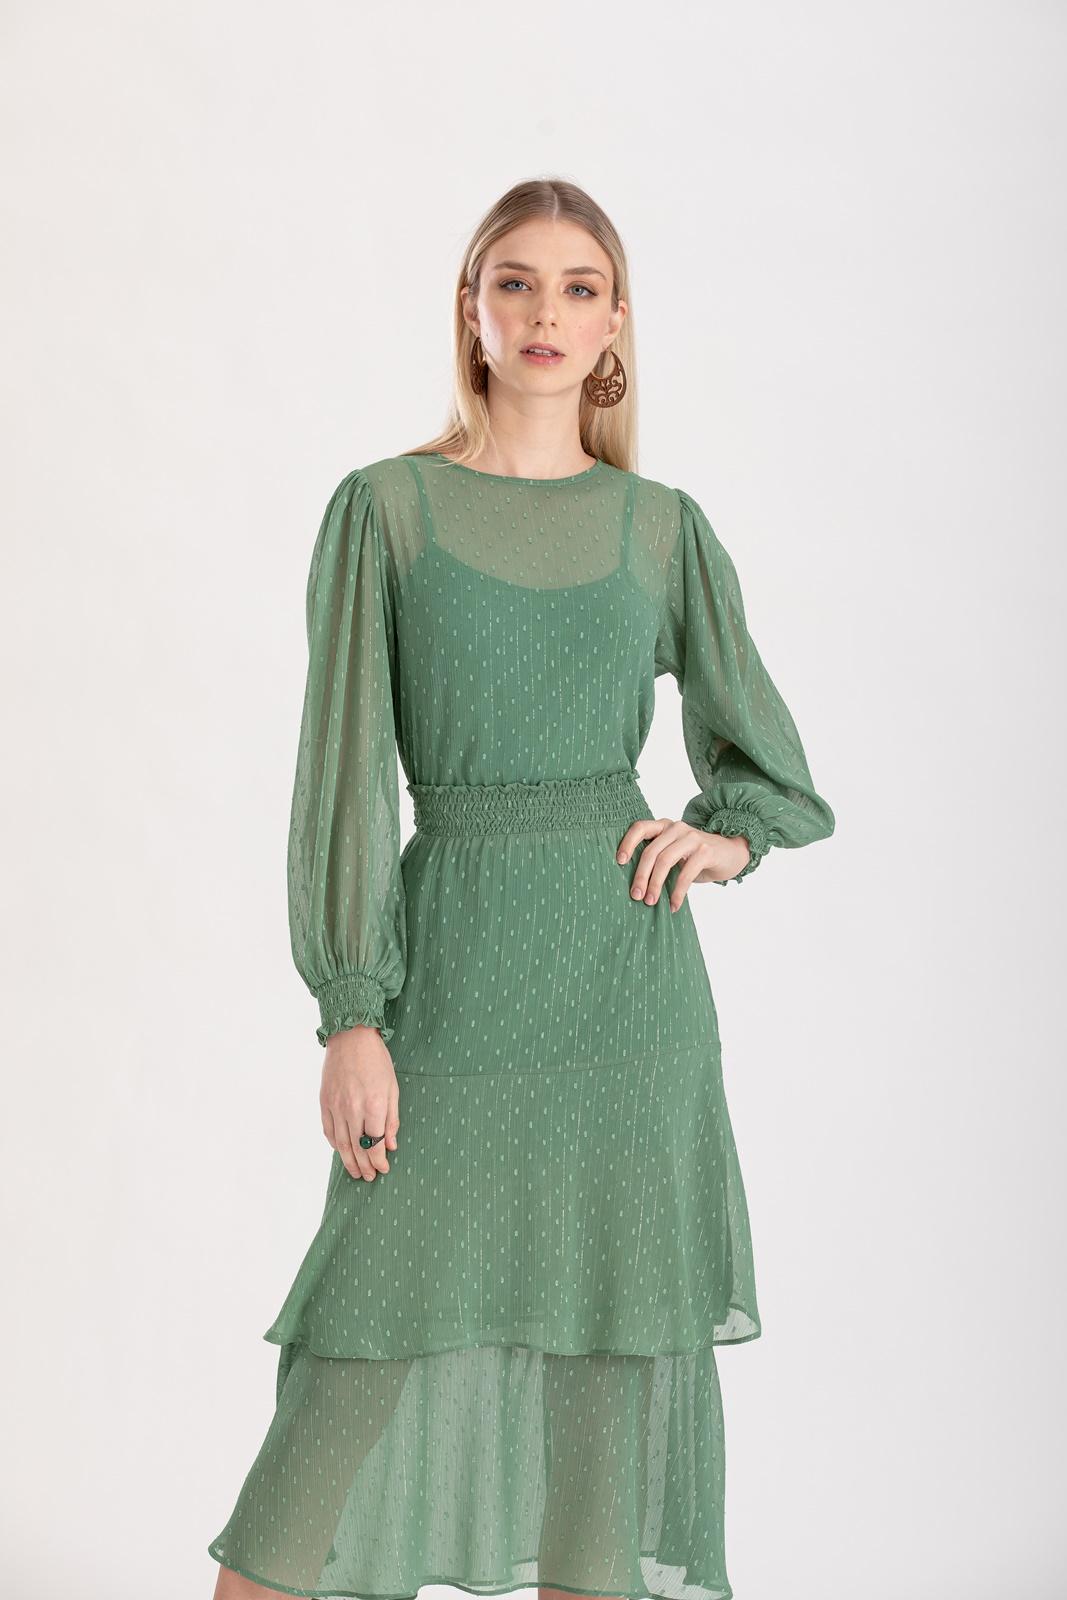 Conjunto saia midi e blusa verde ref. F123089